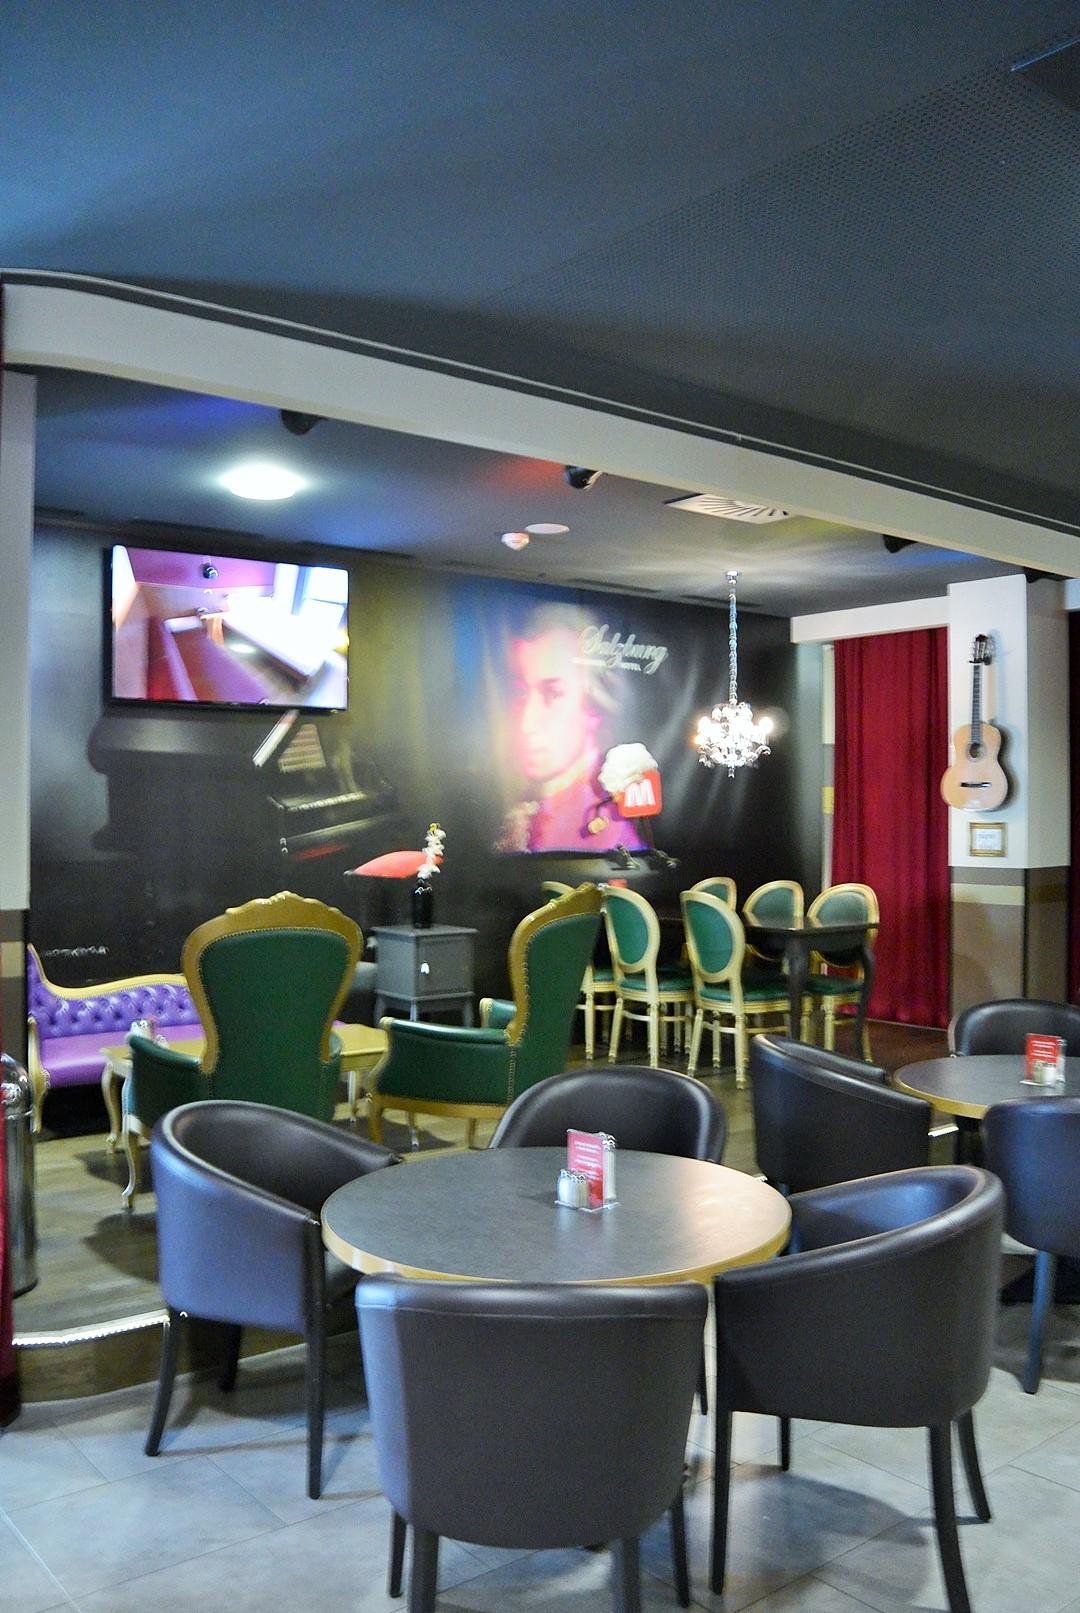 Meininger Hotel_Meininger Salzburg_Salzburg_Hotel in Salzburg_Hotel Salzburg_Meininger Salzburg_Meininger Hotel Salzburg_Hotel mit Blick auf Berge_Meininger_Urlaub in Salzburg (6)